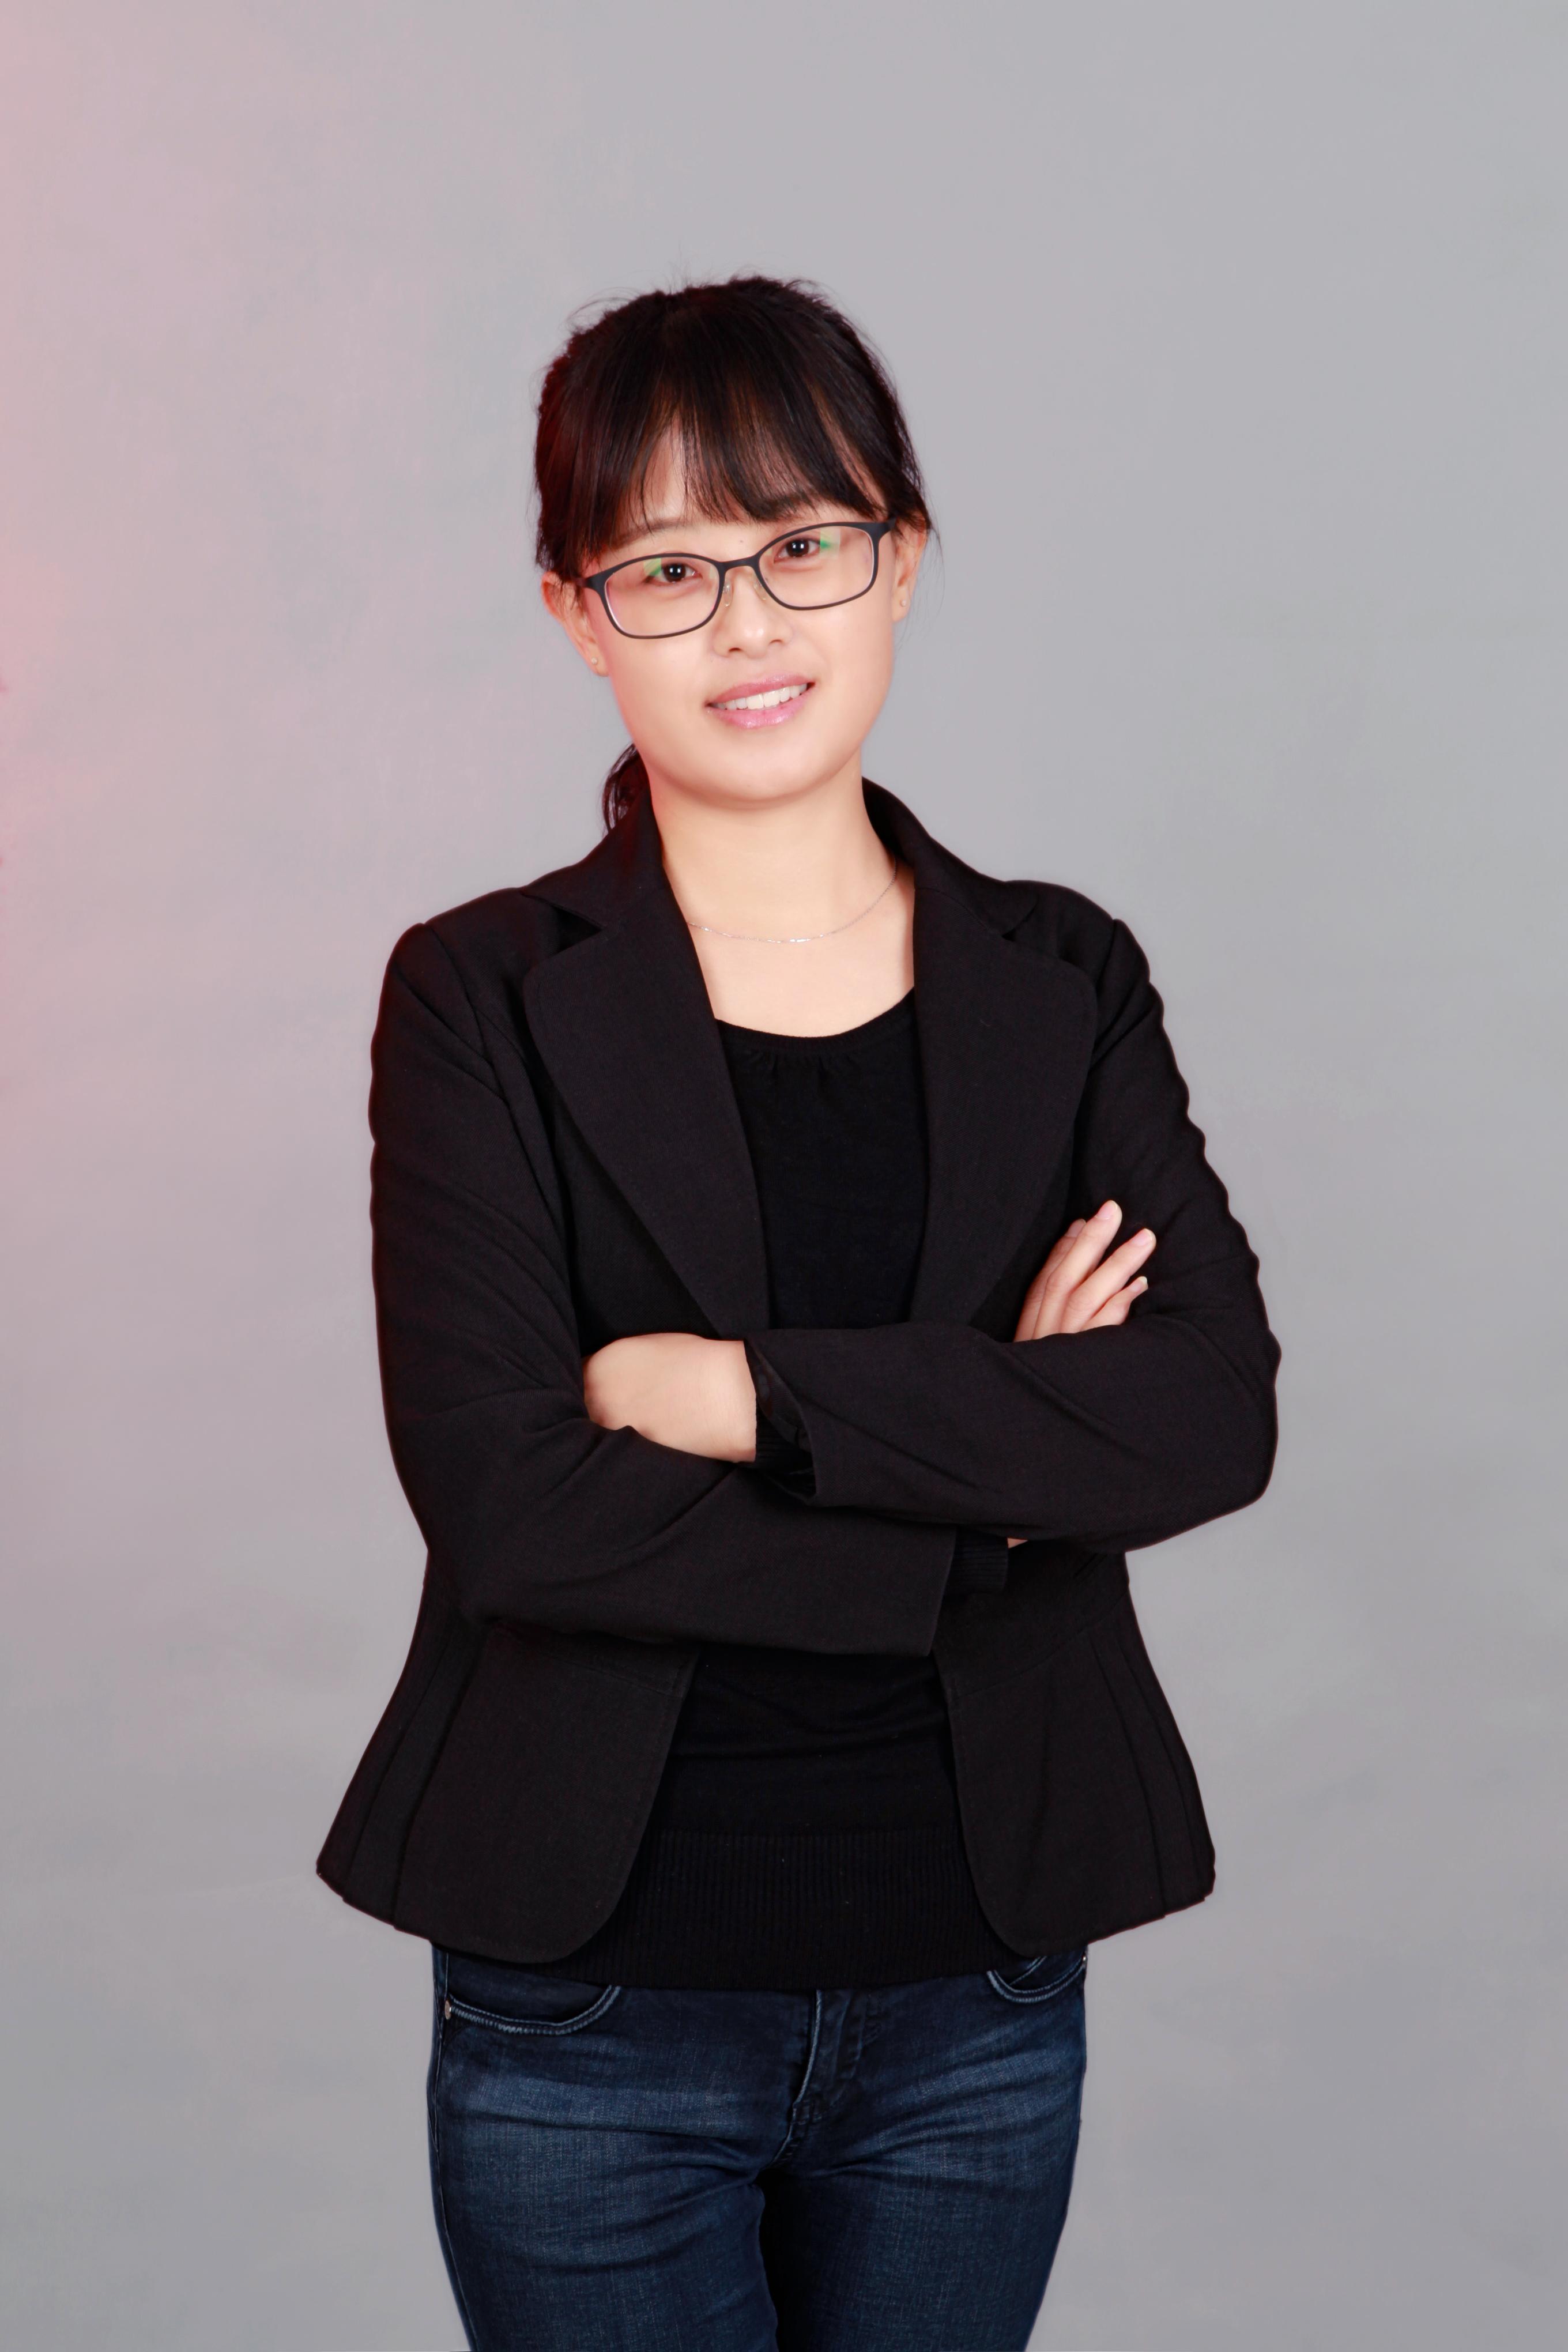 初中老师-初中英语老师_王小红